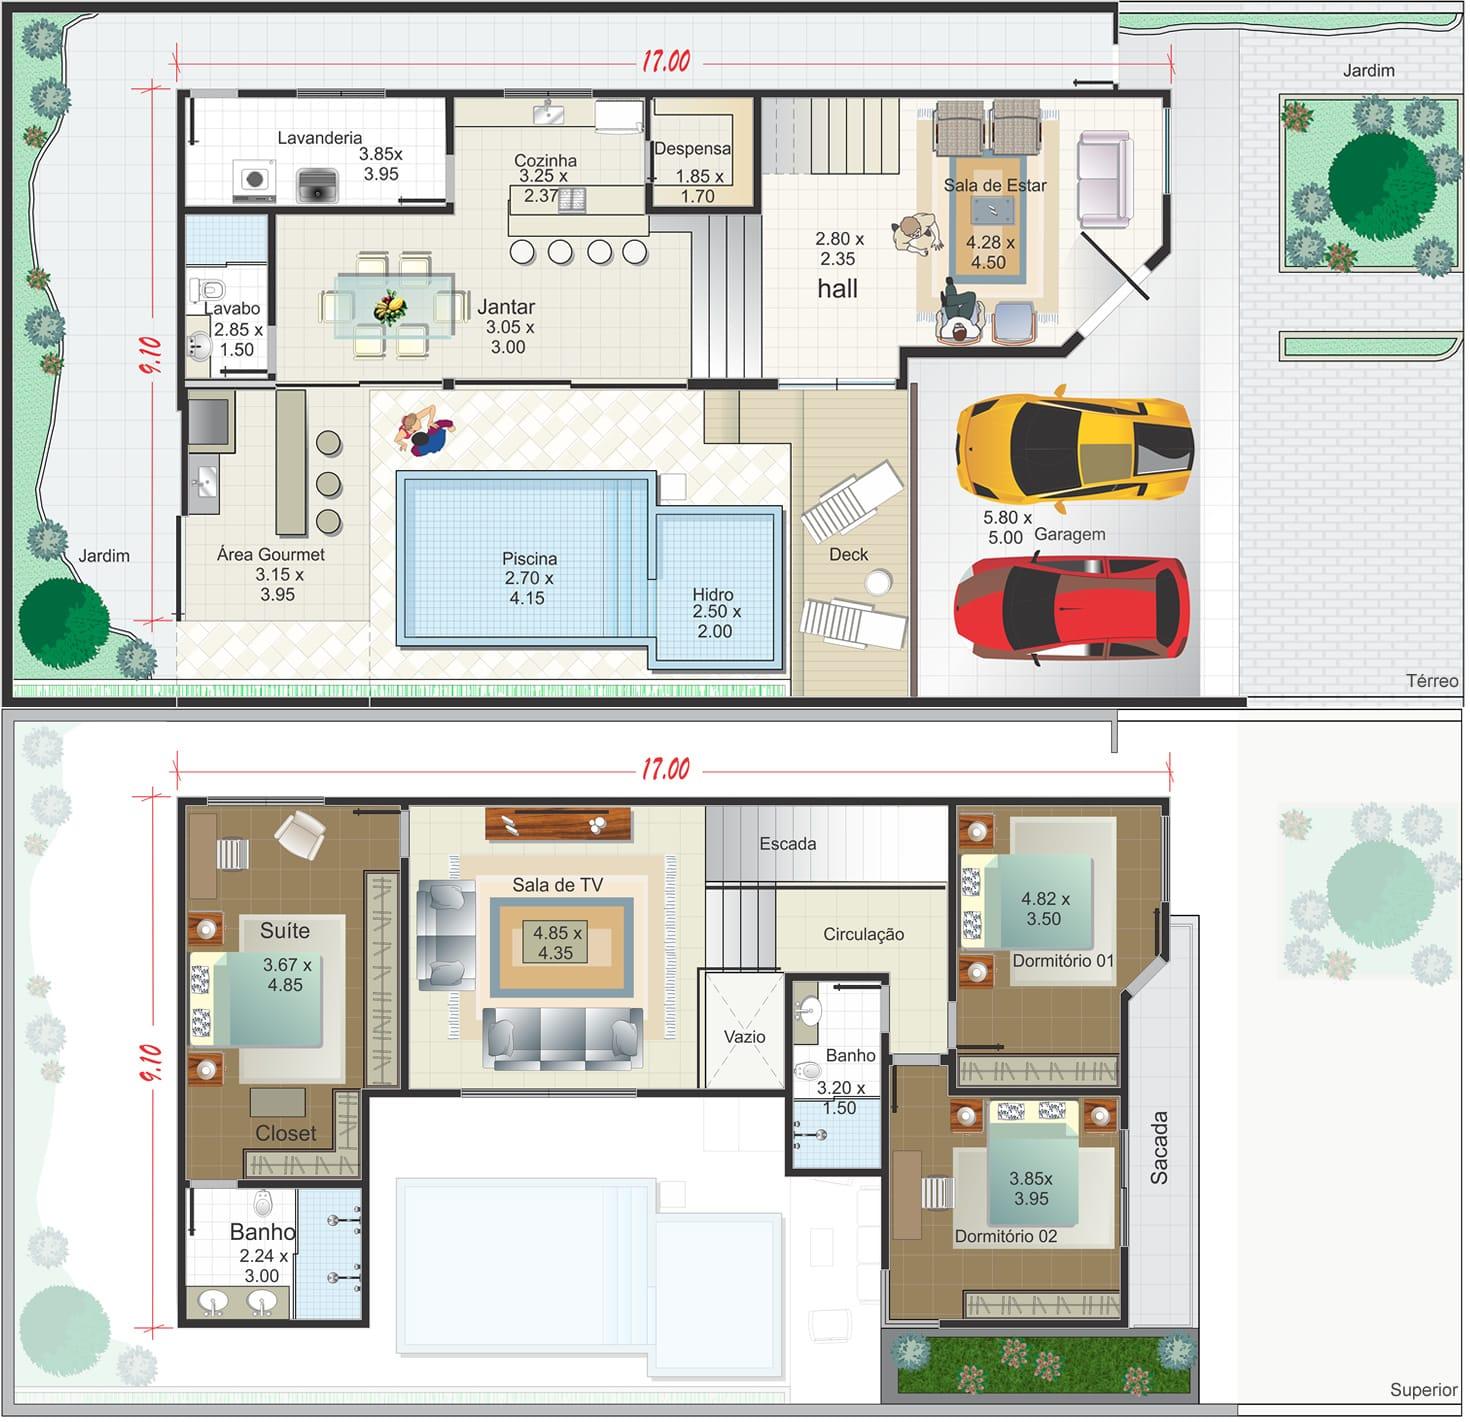 de casa sobrado em L com piscina Projetos de Casas Modelos de  #AE1D20 1470 1422